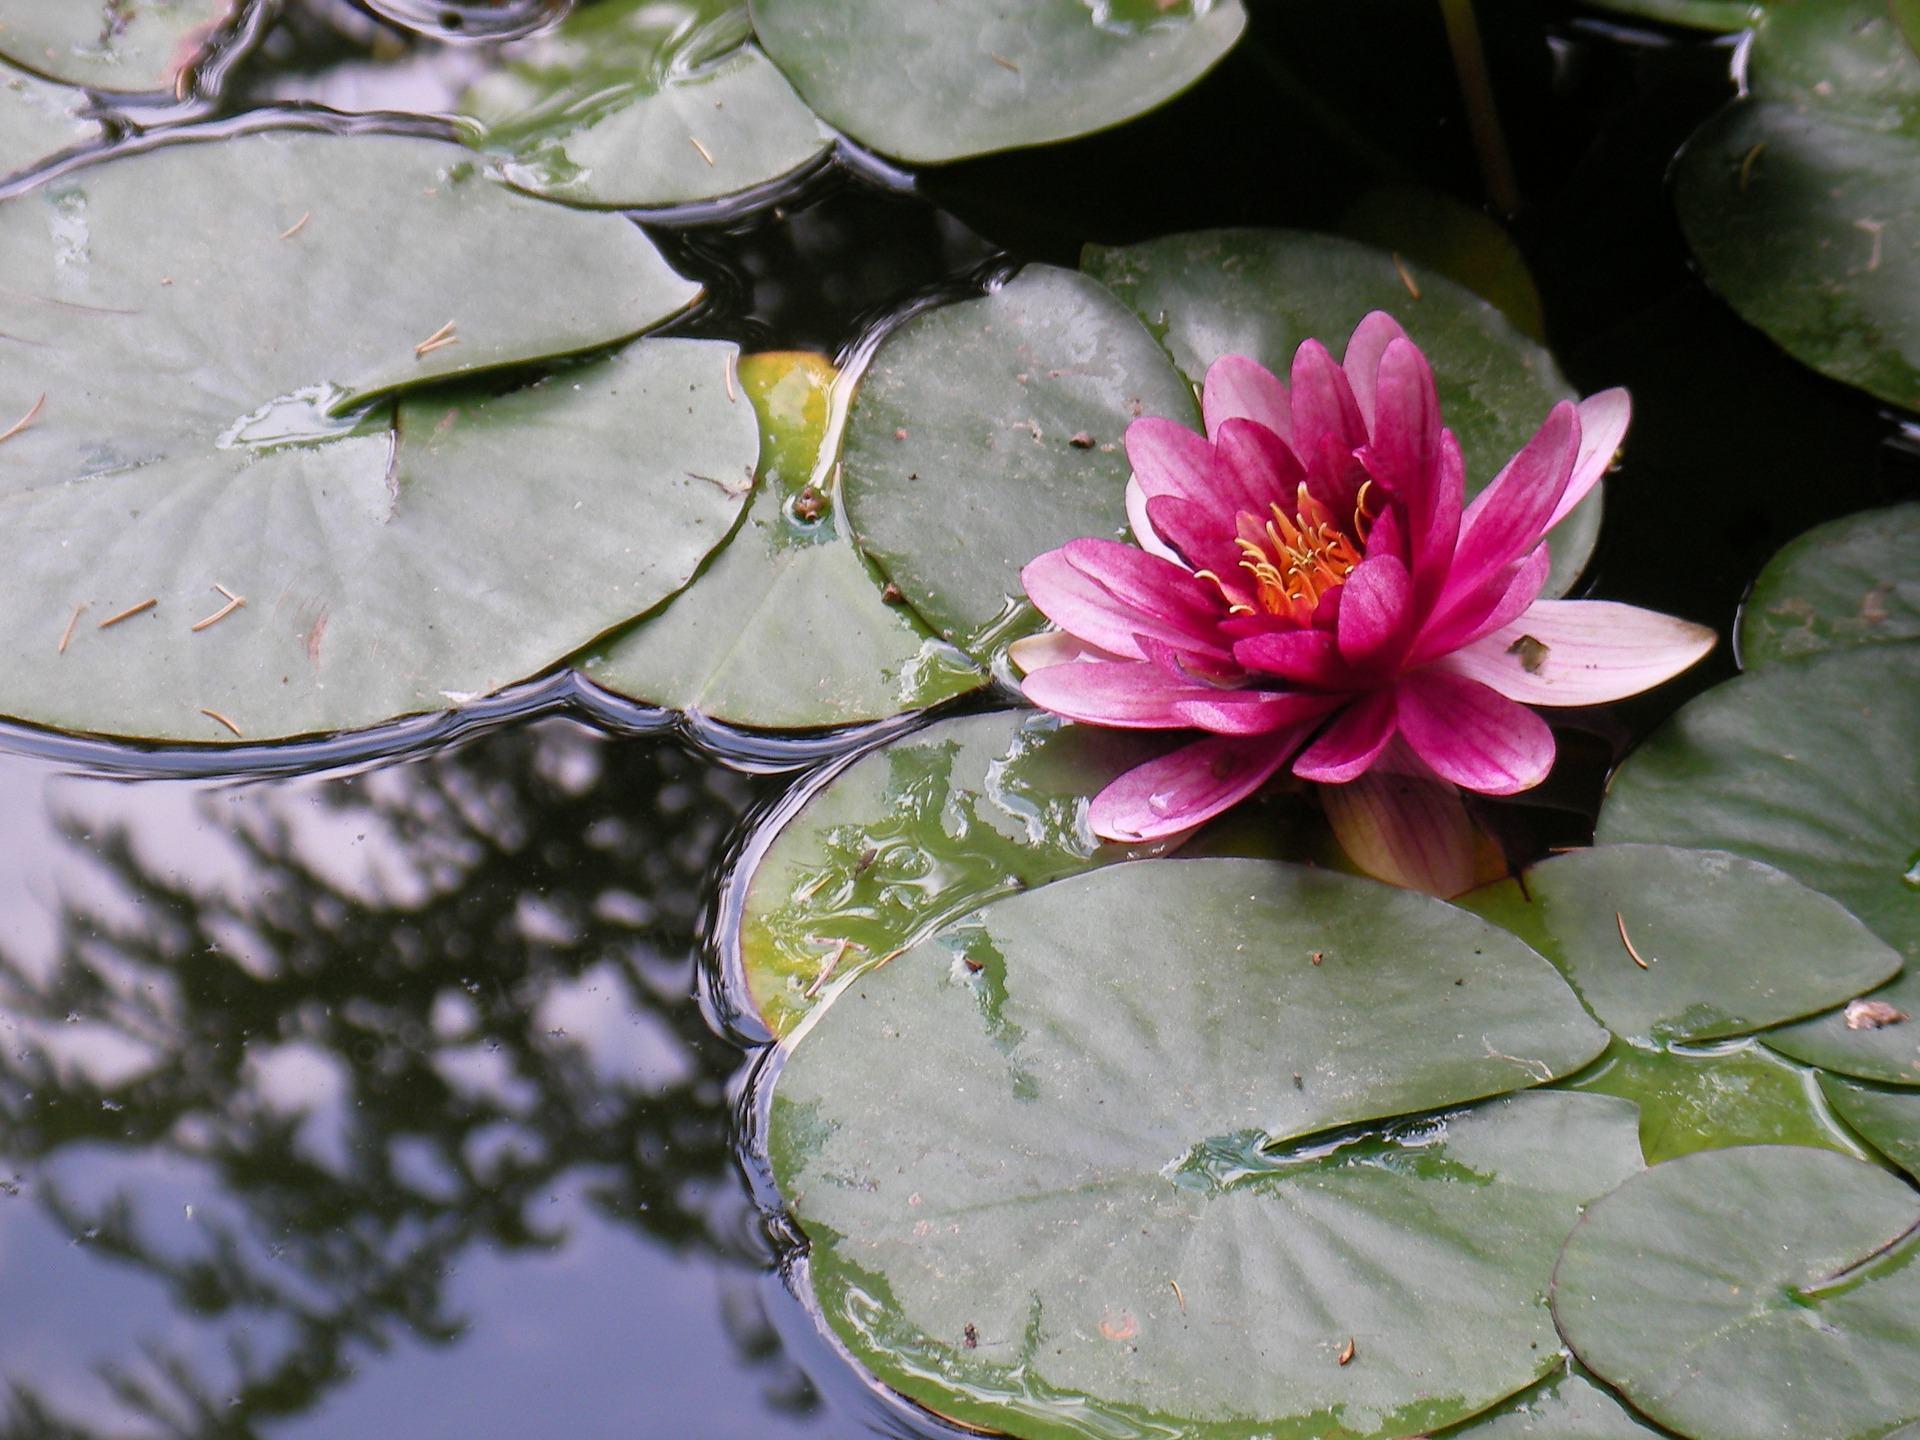 ਪਾਣੀ ਦੀ Lily